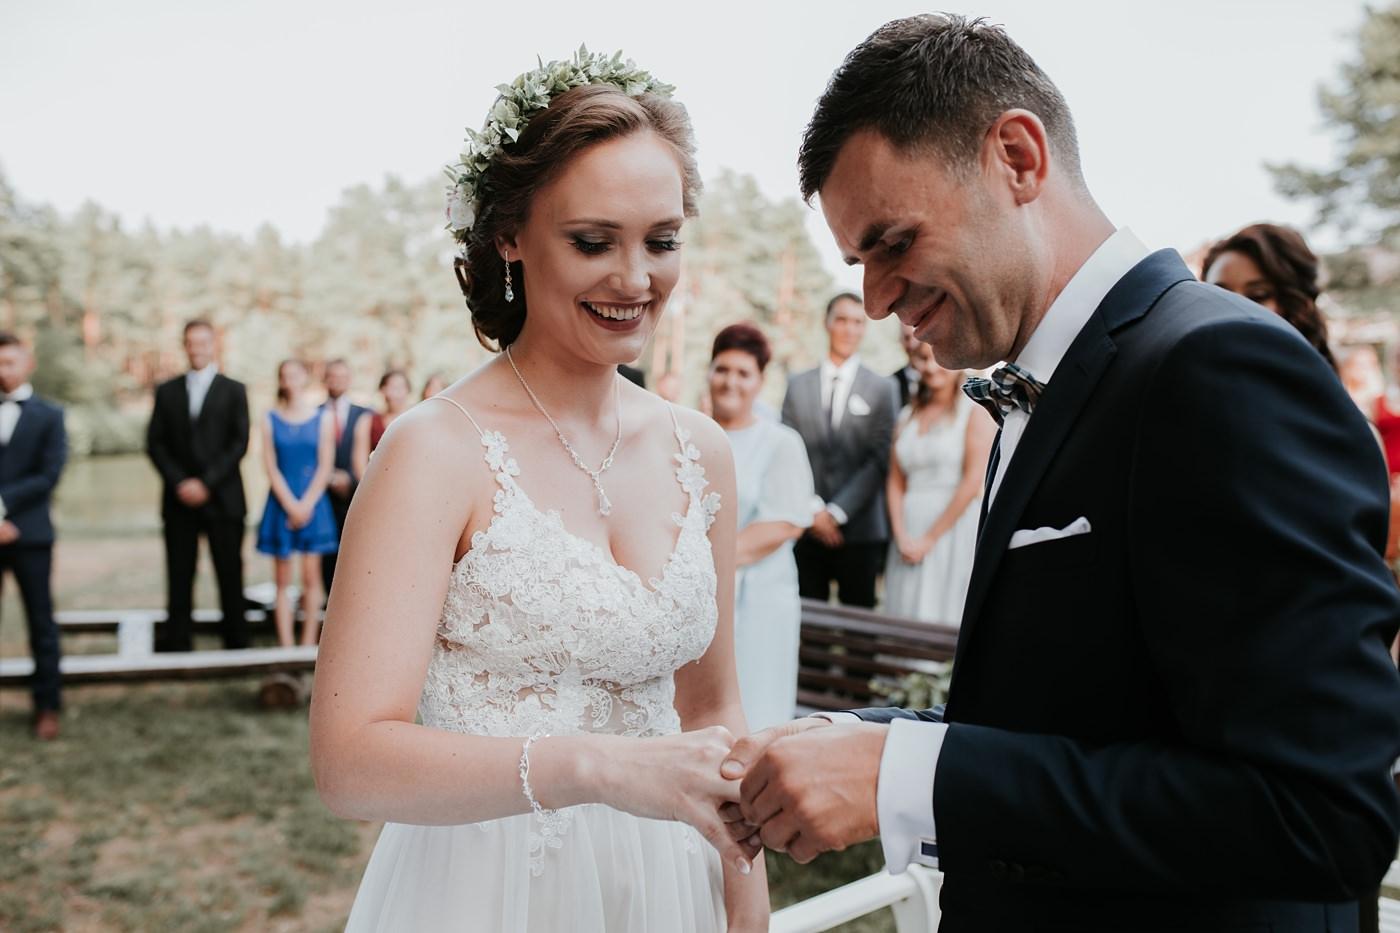 Anna & Wojtek - Ślub cywilny w plenerze - Barnówko w Sam Las 65